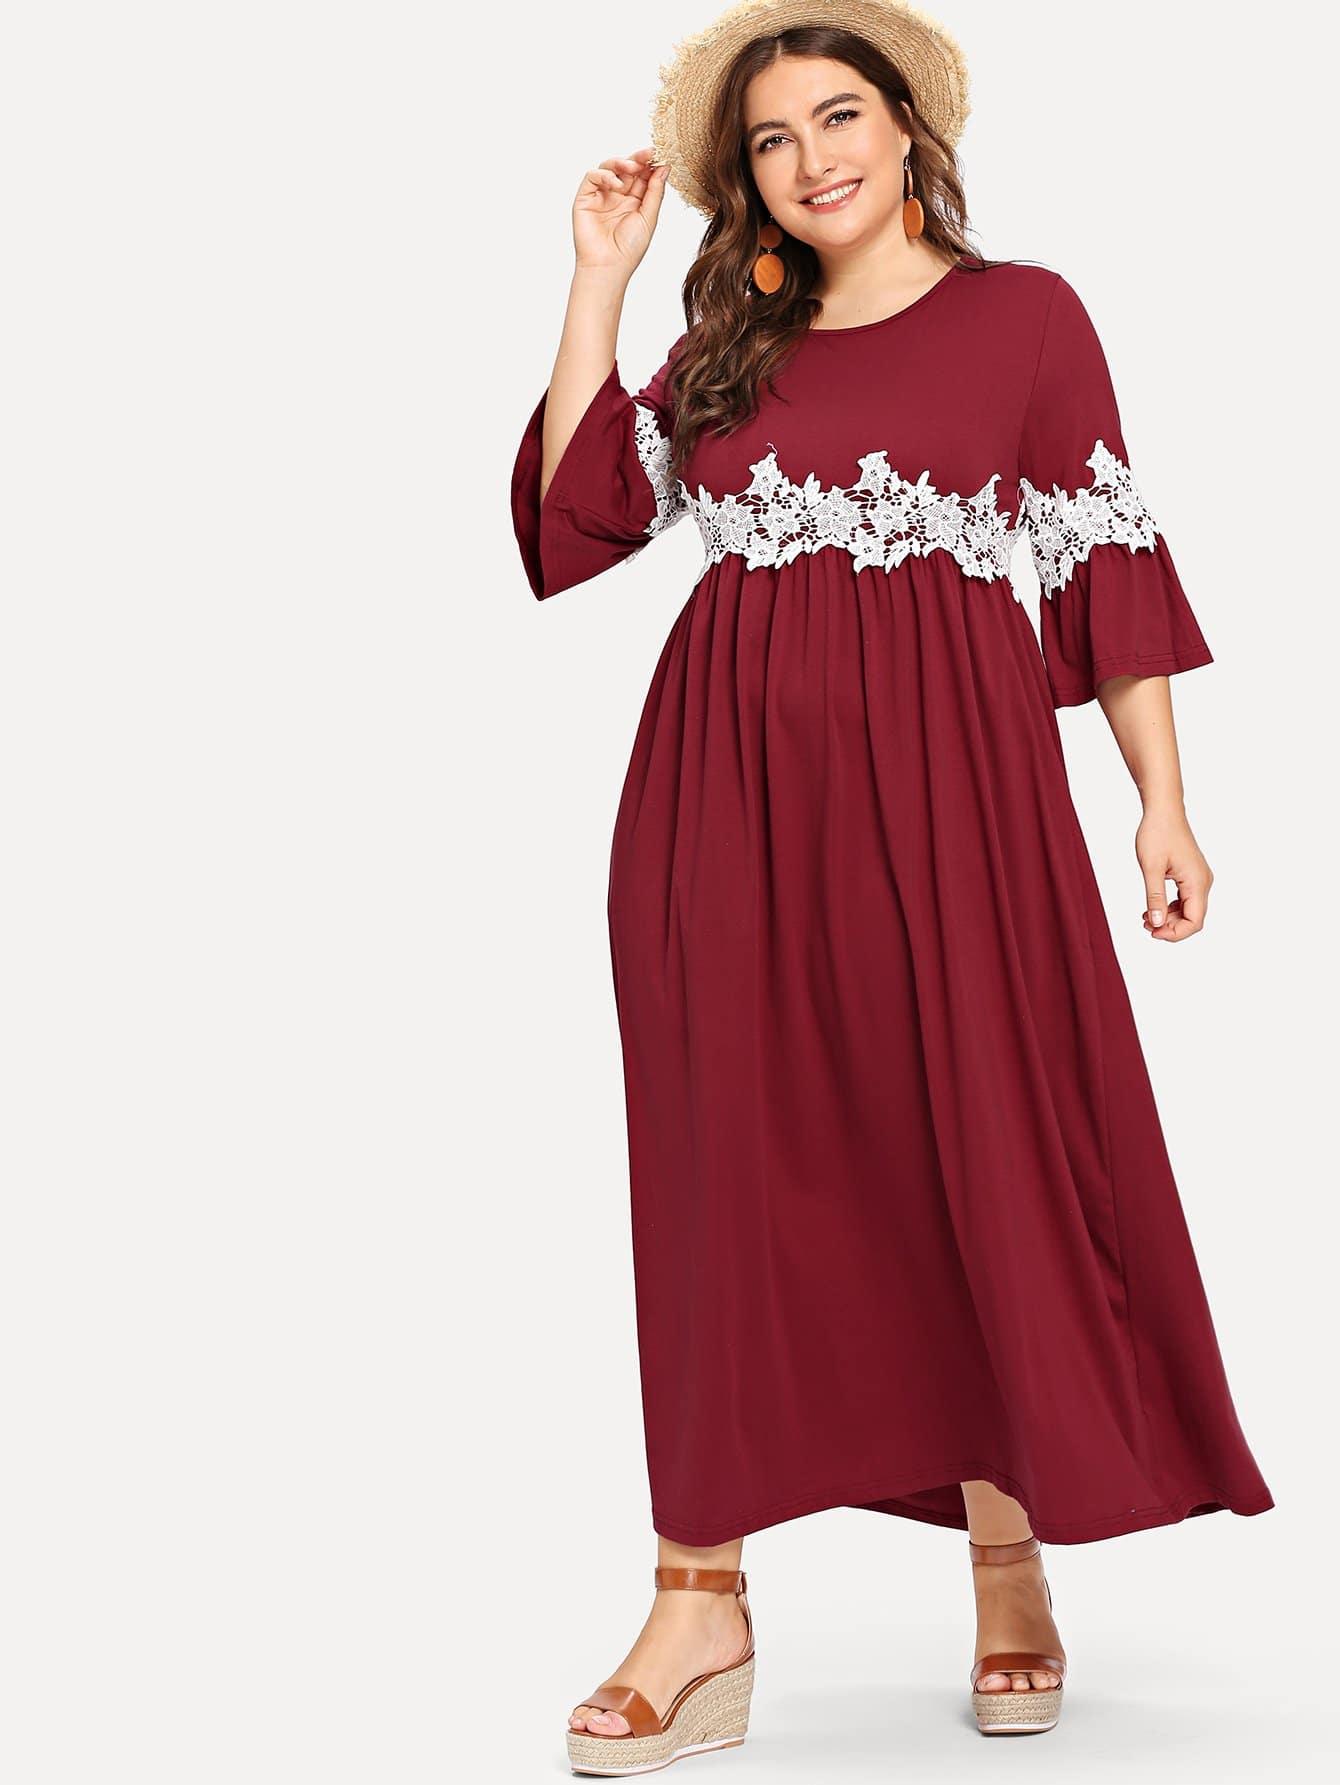 Купить Платье аппликационного кружевного флиса с флисом, Franziska, SheIn